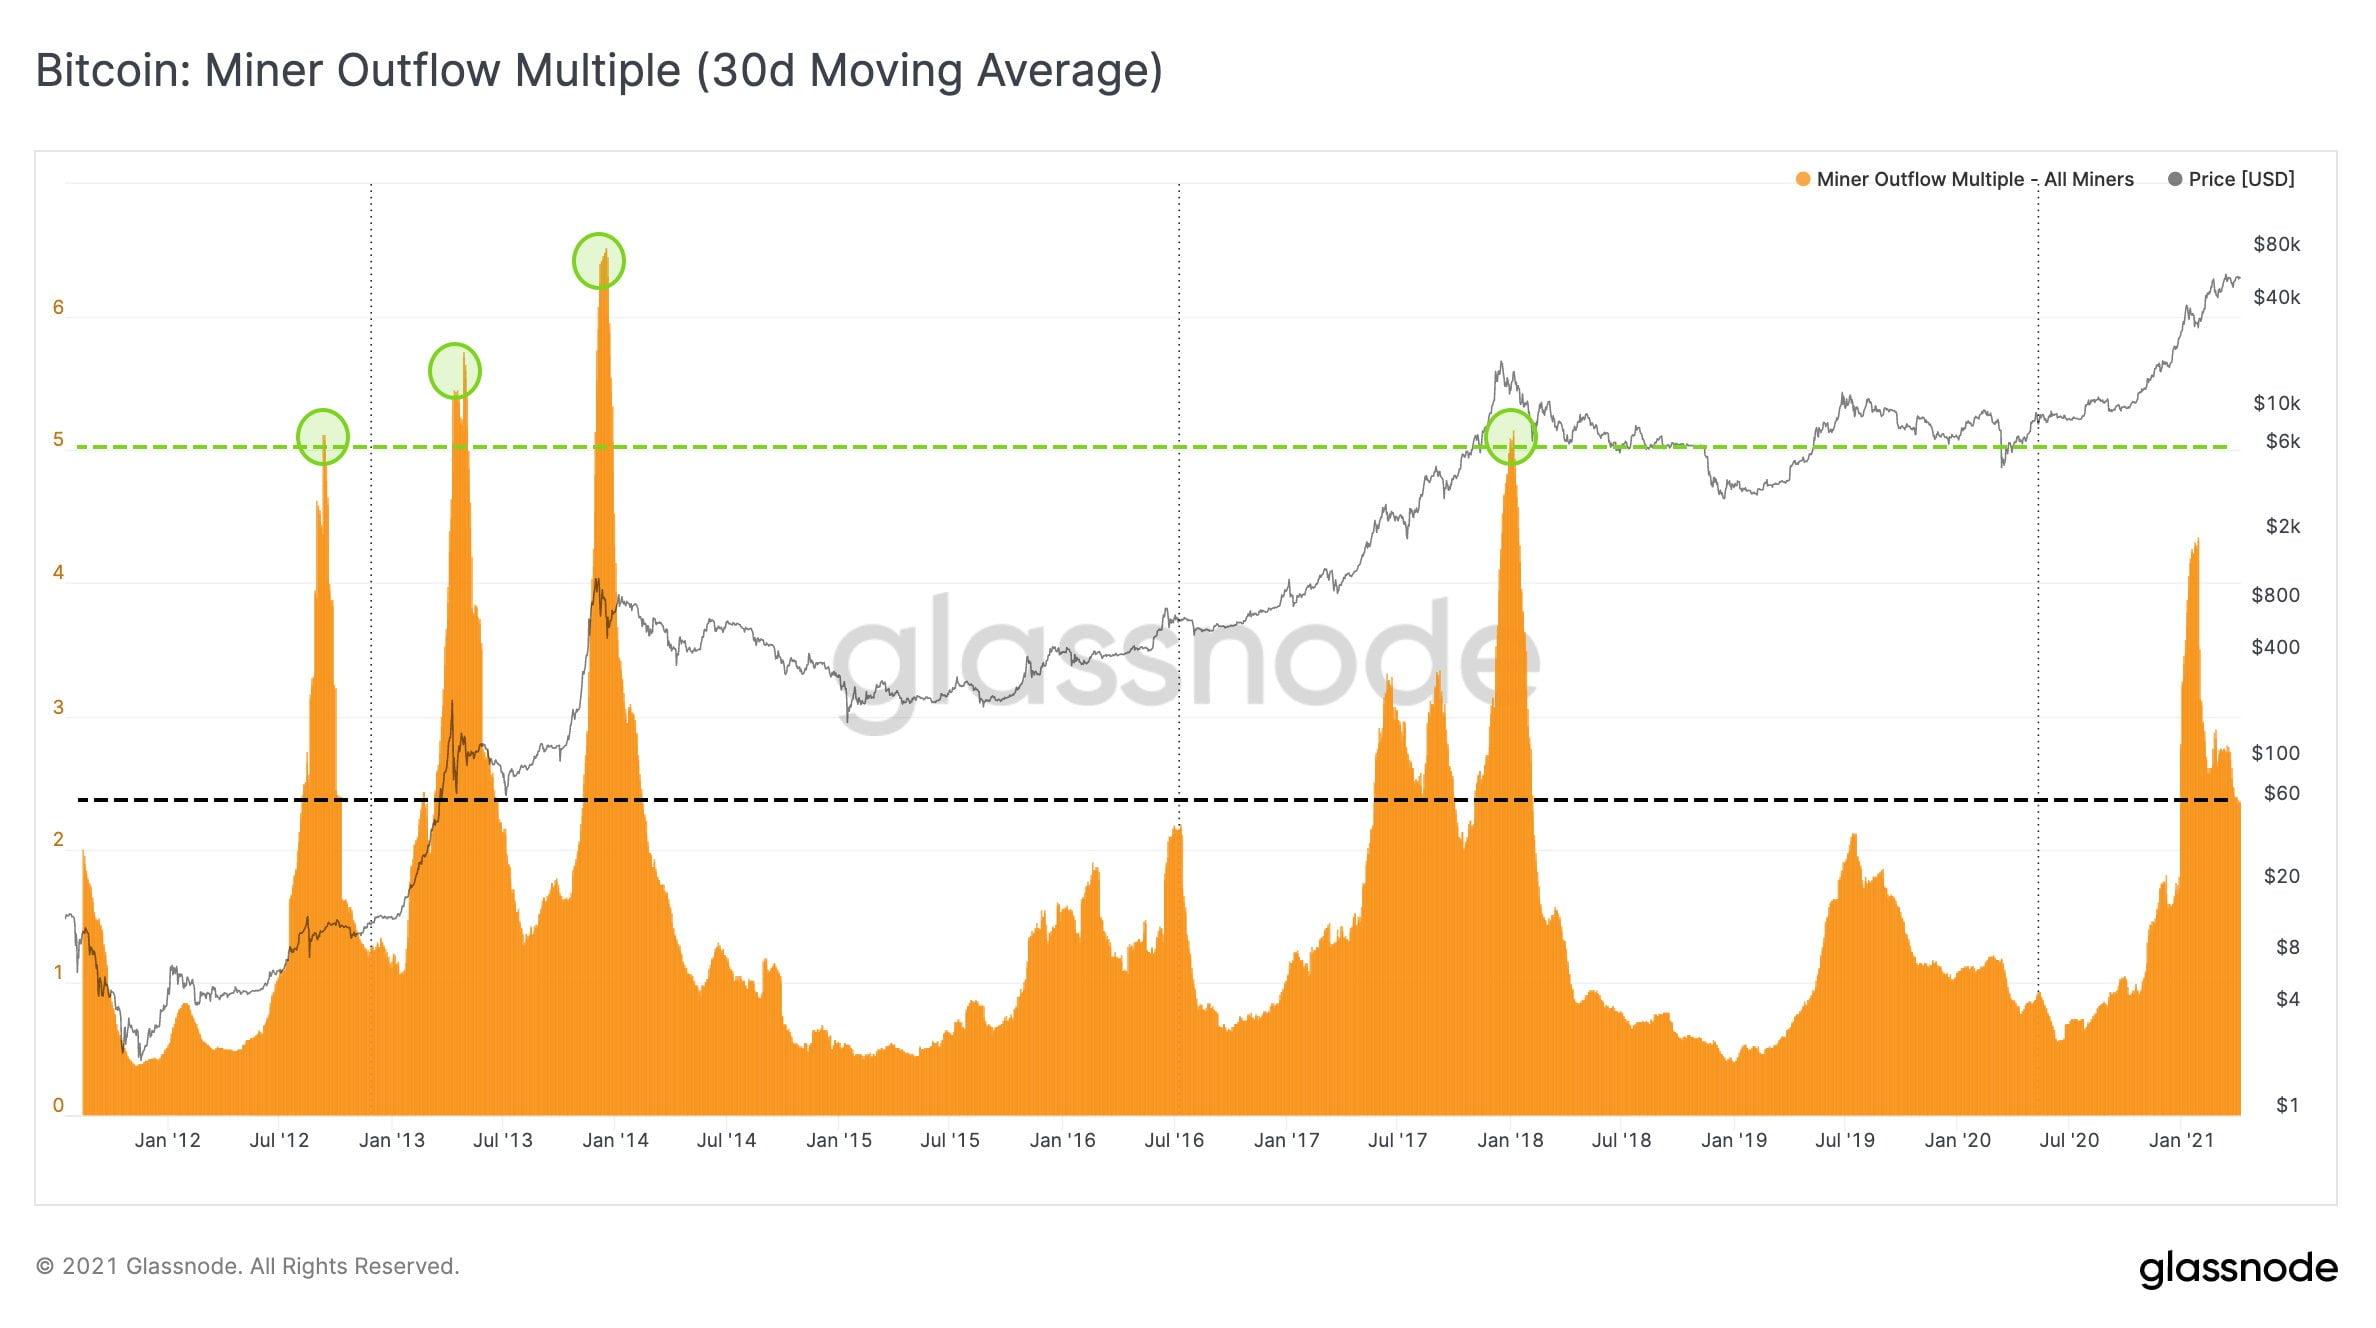 Minerii Bitcoin au încasat peste $50 de milioane pe zi în ultima lună